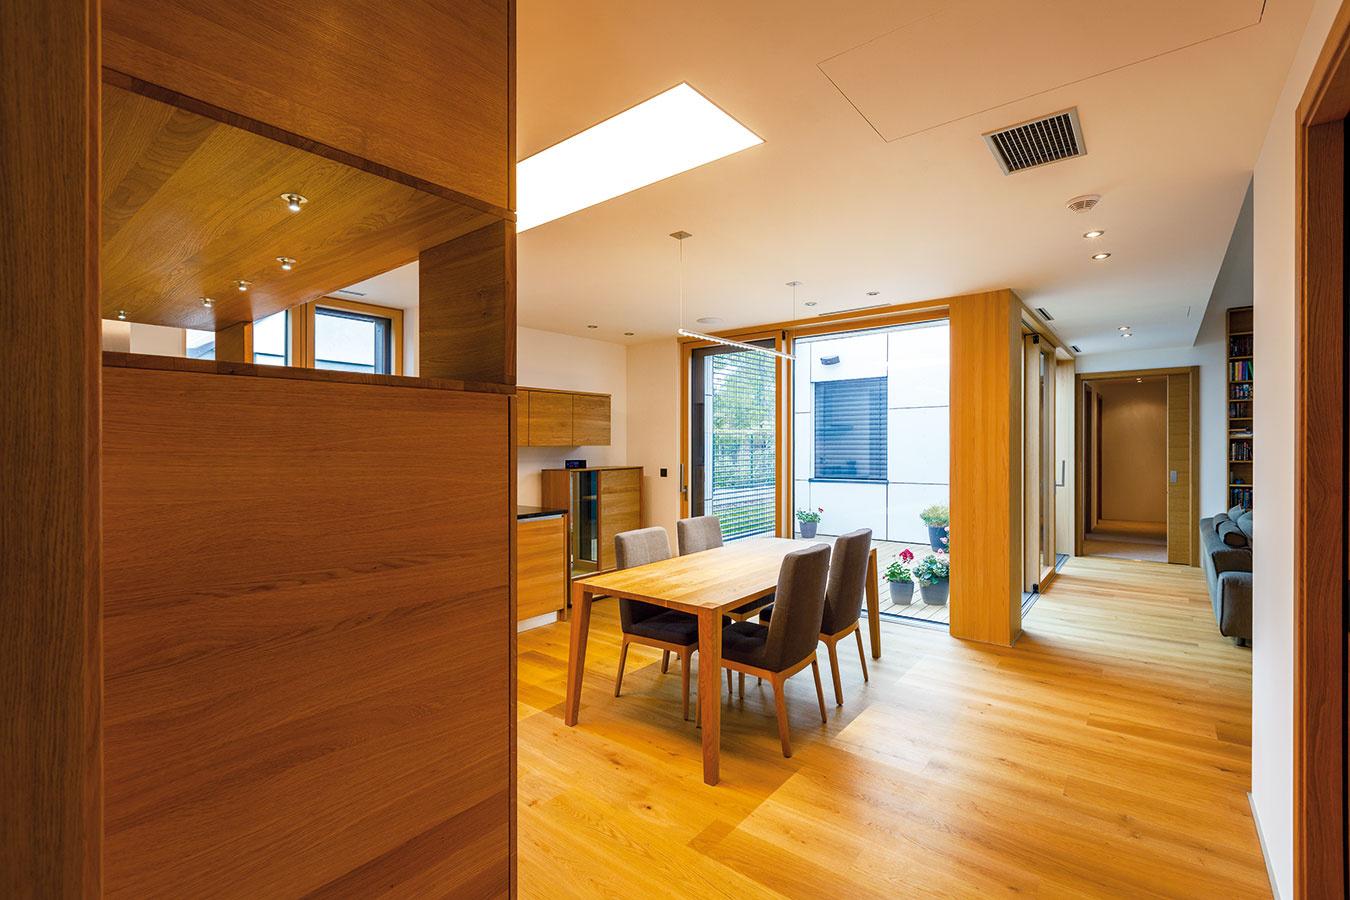 Priestor, ktorý plynie. Prosté, elegantné zariadenie, príjemné, kvalitné materiály, veľkorysé zasklenia – výsledkom je interiérový priestor, ktorý aj vďaka átriu voľne plynie.